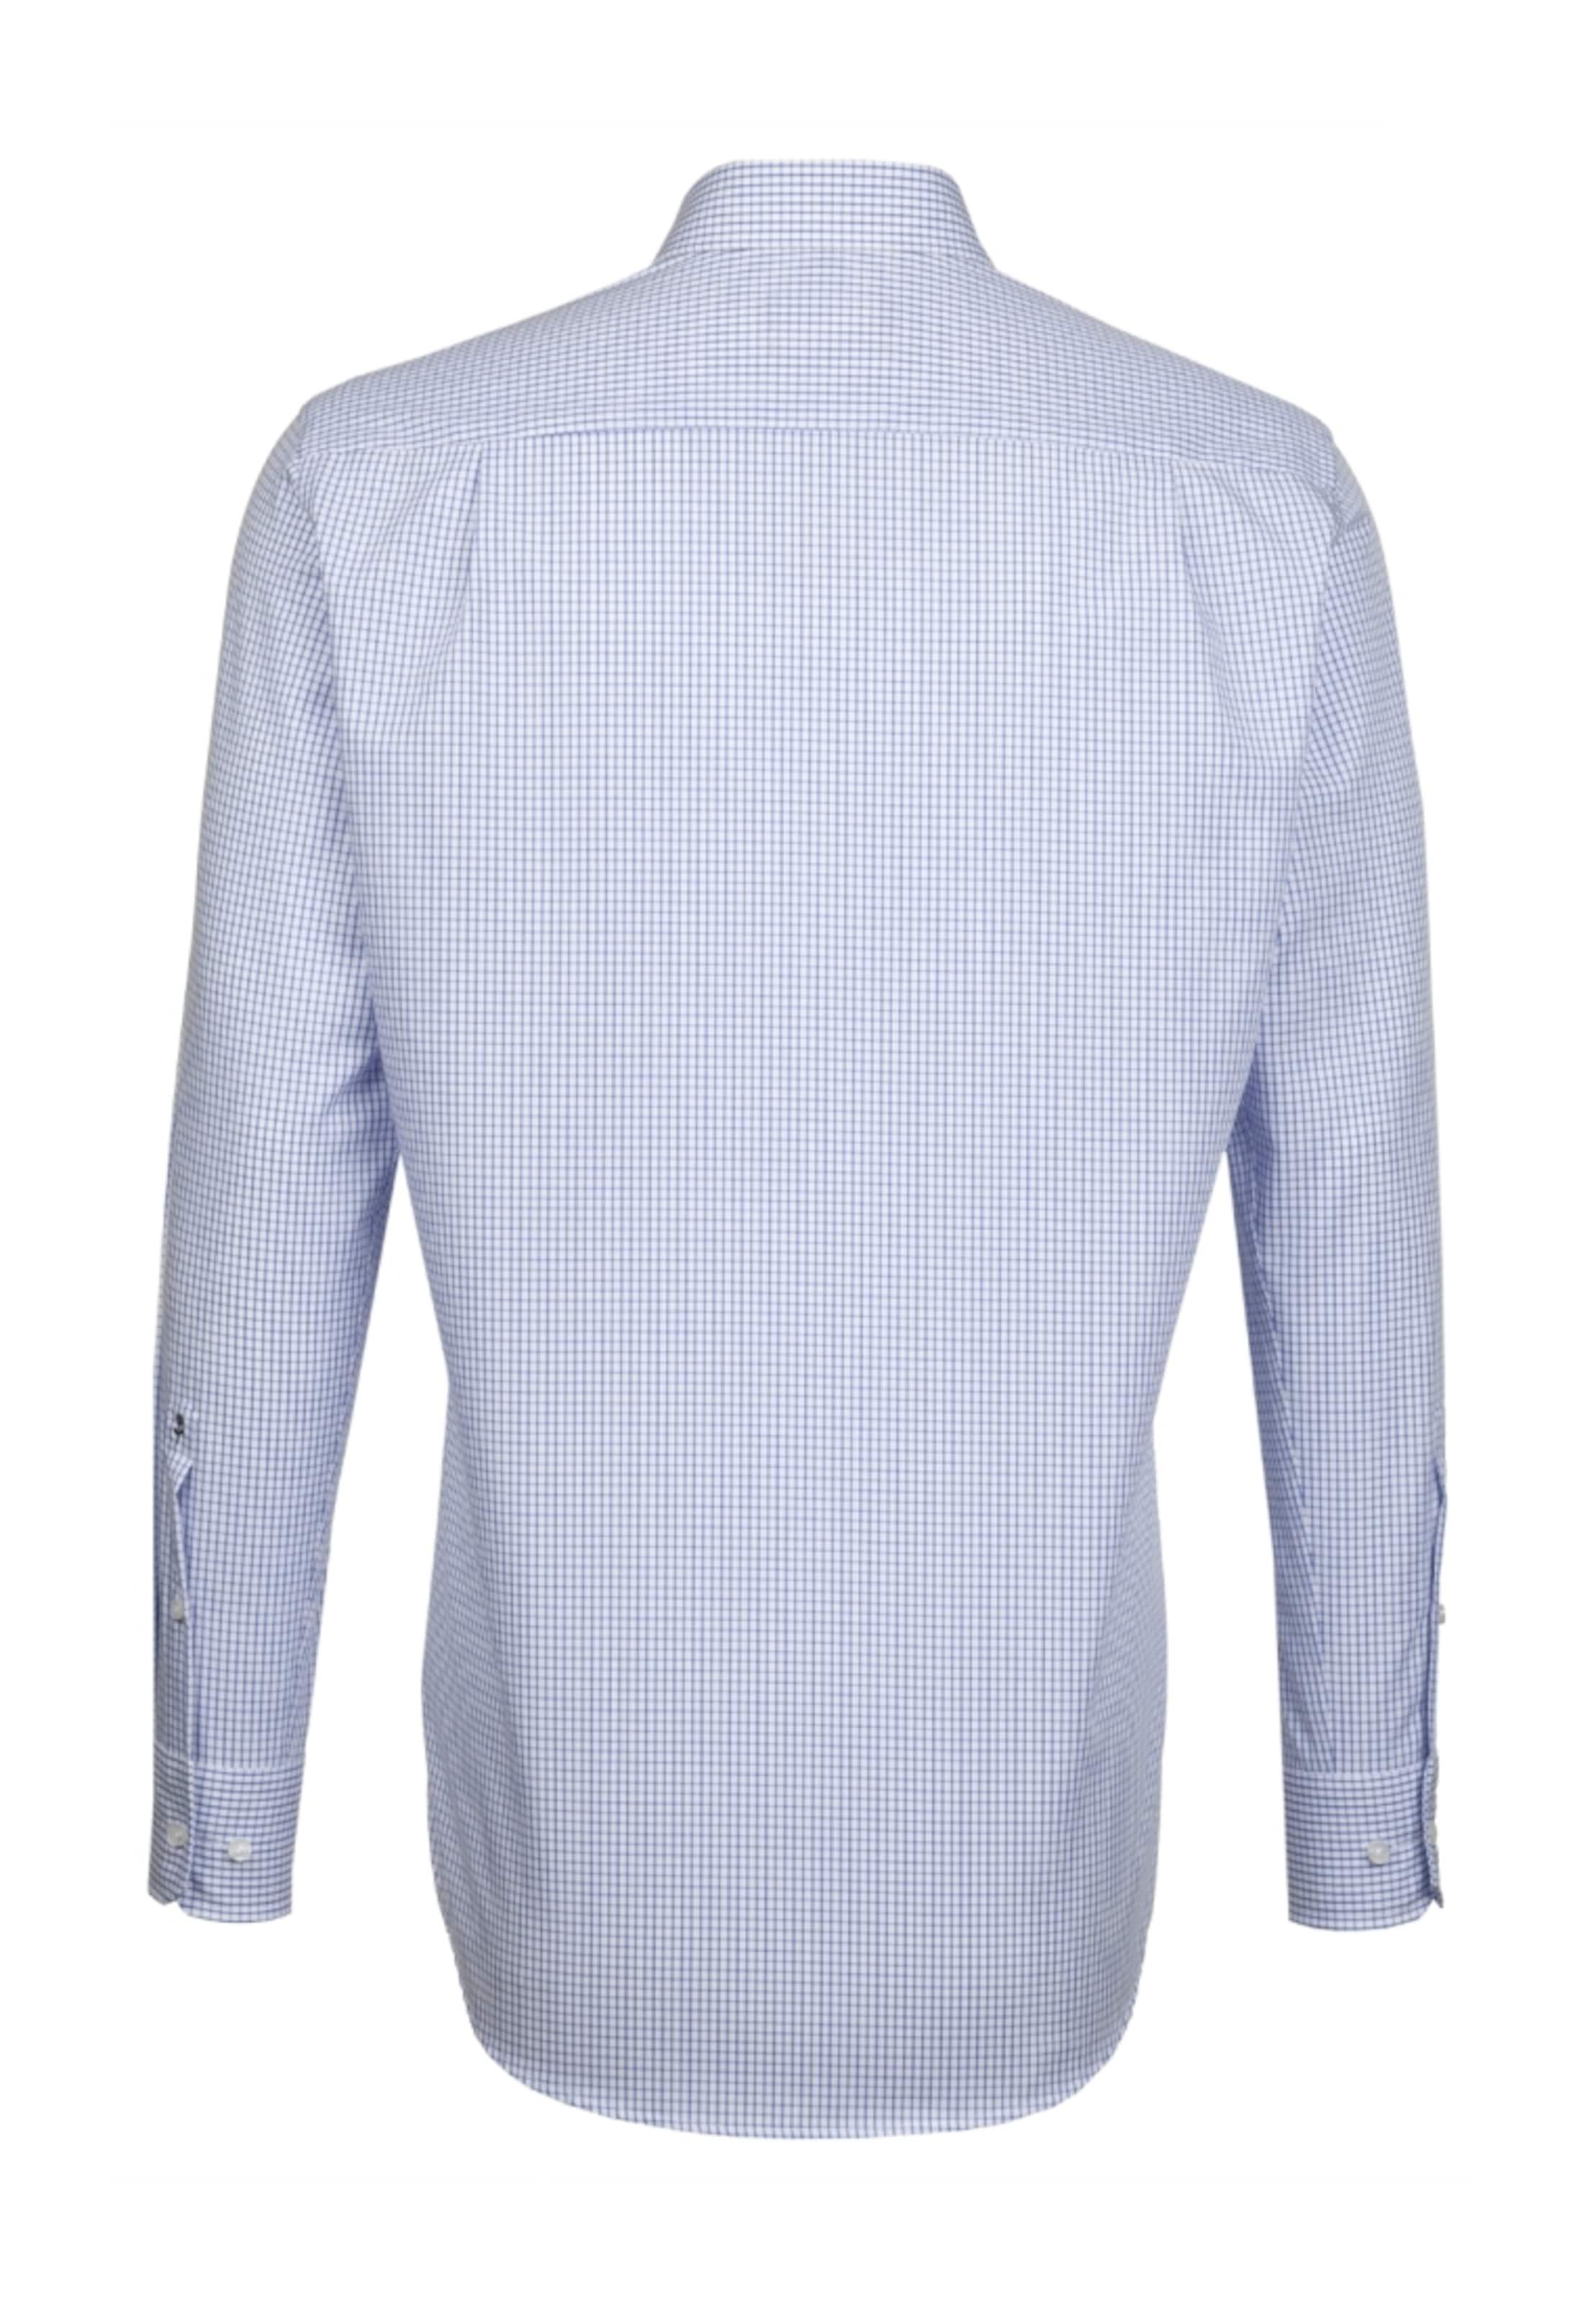 Geringster Preis SEIDENSTICKER City-Hemd 'Modern' Classic Zum Verkauf Freies Verschiffen Die Besten Preise Günstig Kaufen z4QpTBF